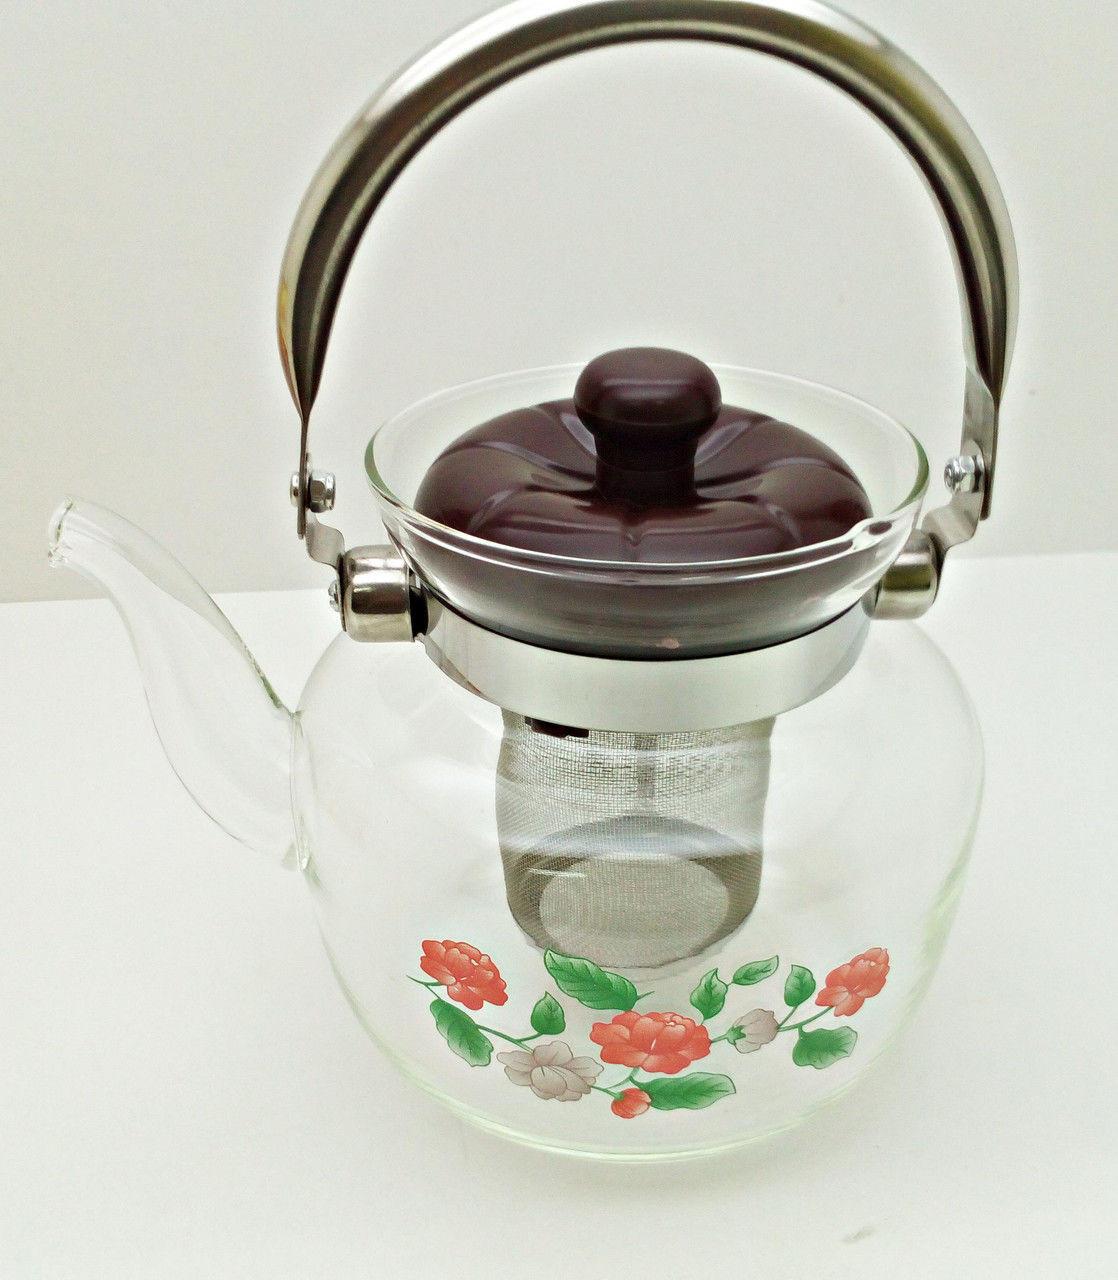 Заварочный чайник А-Плюс 1042 1.4 л